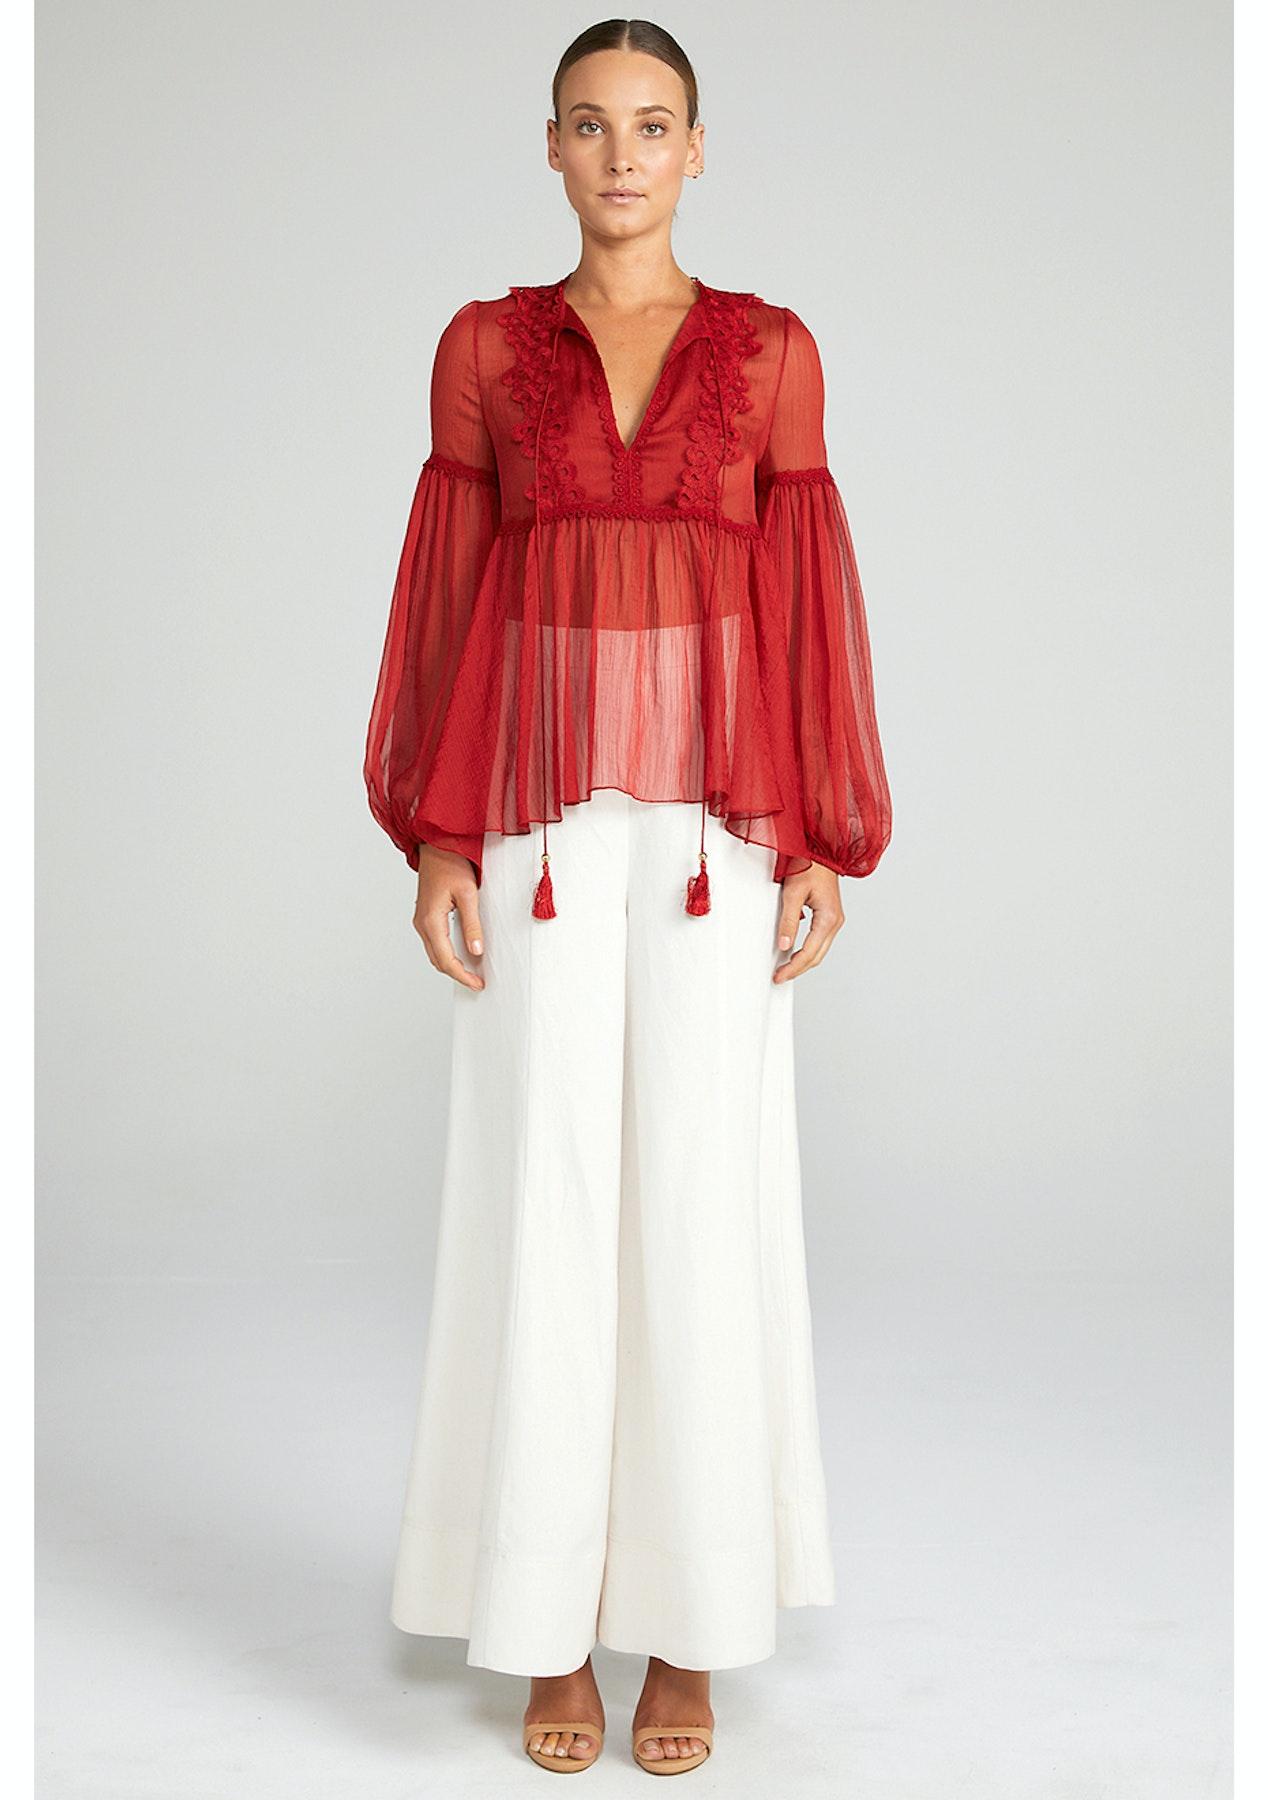 43bf3096e66c31 Shona Joy - Catherine Puff Sleeve Blouse - Burnt Red - New Season Shona Joy  - Onceit